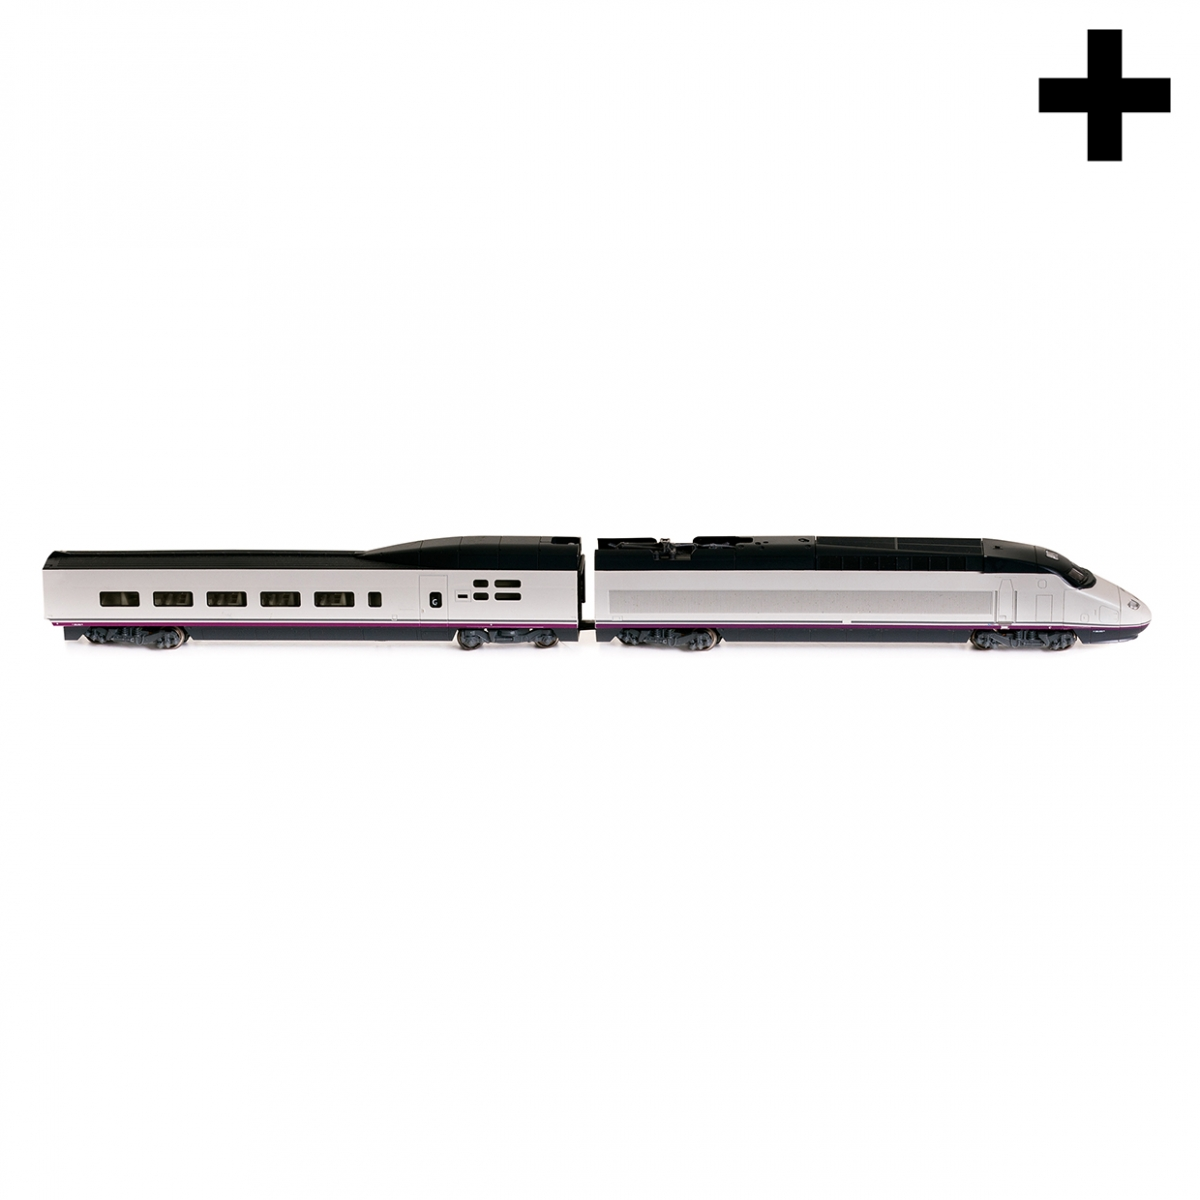 Imagen en la que se un tren de alta velocidad en perspectiva lateral